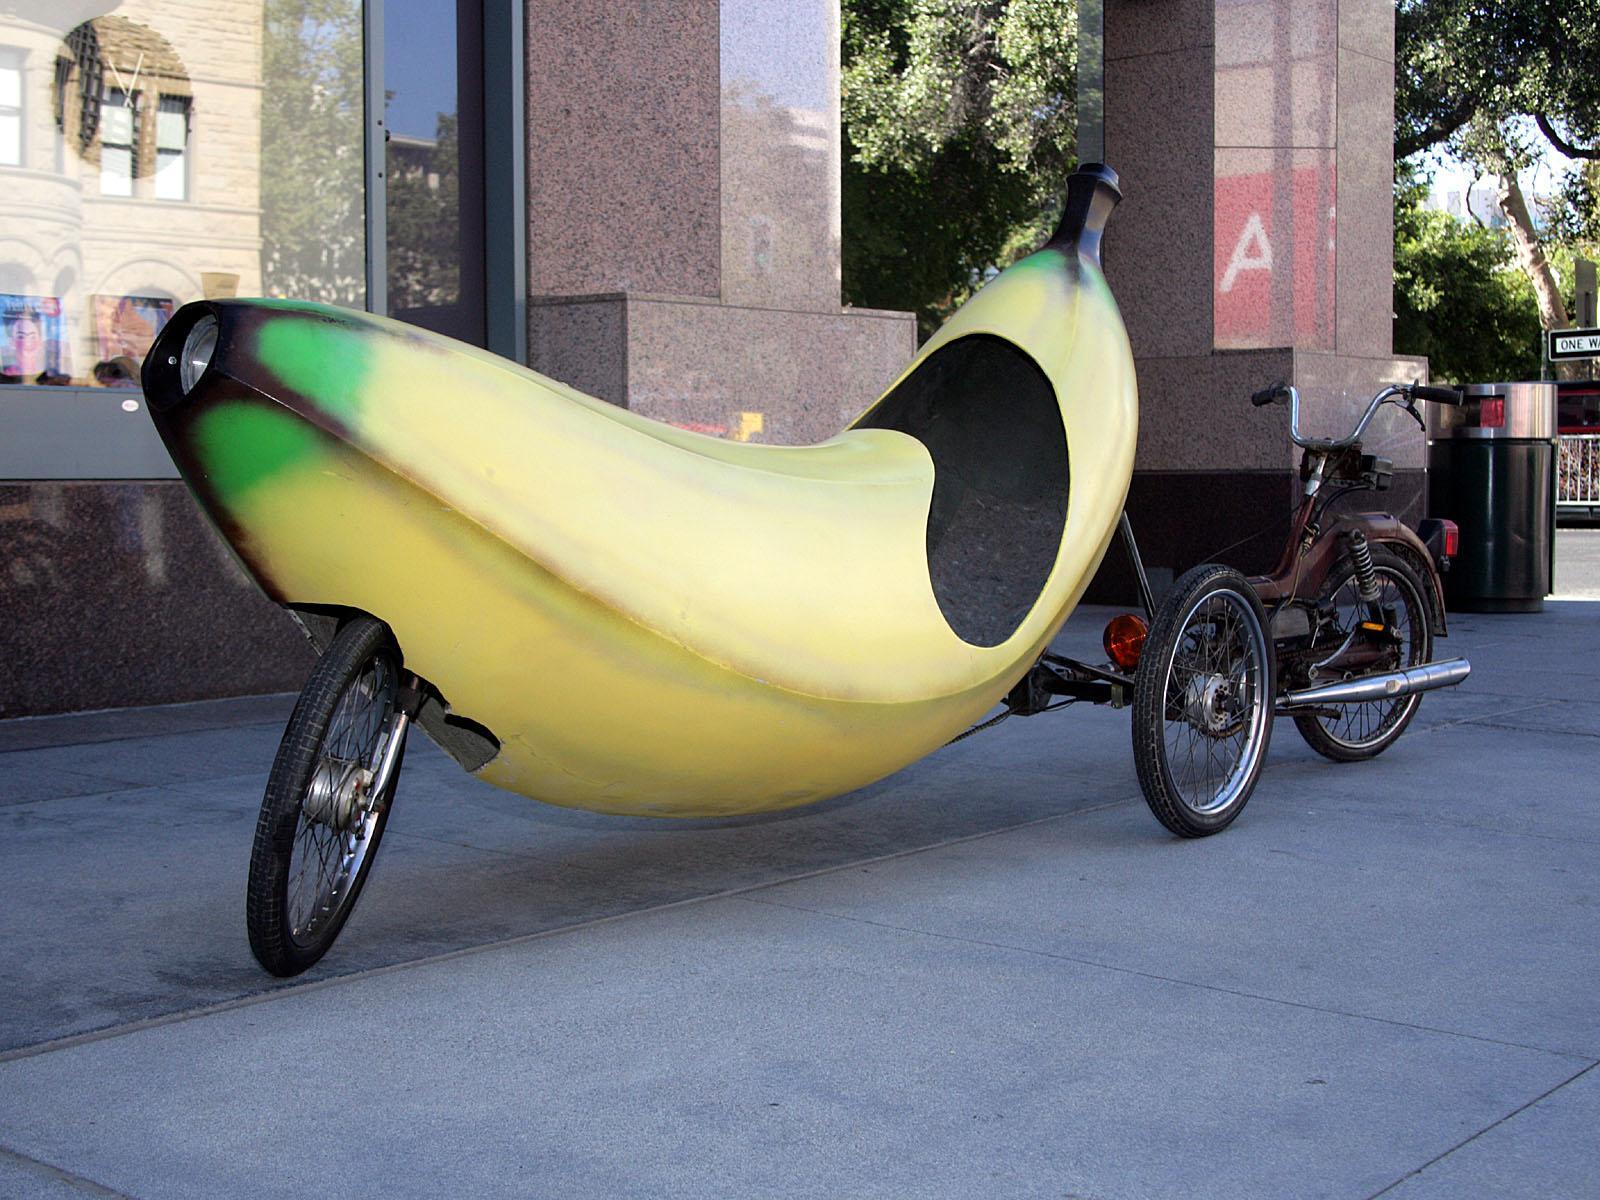 NHRA's Gary Densham to Race in Las Vegas After Making ... |Funny Car Design